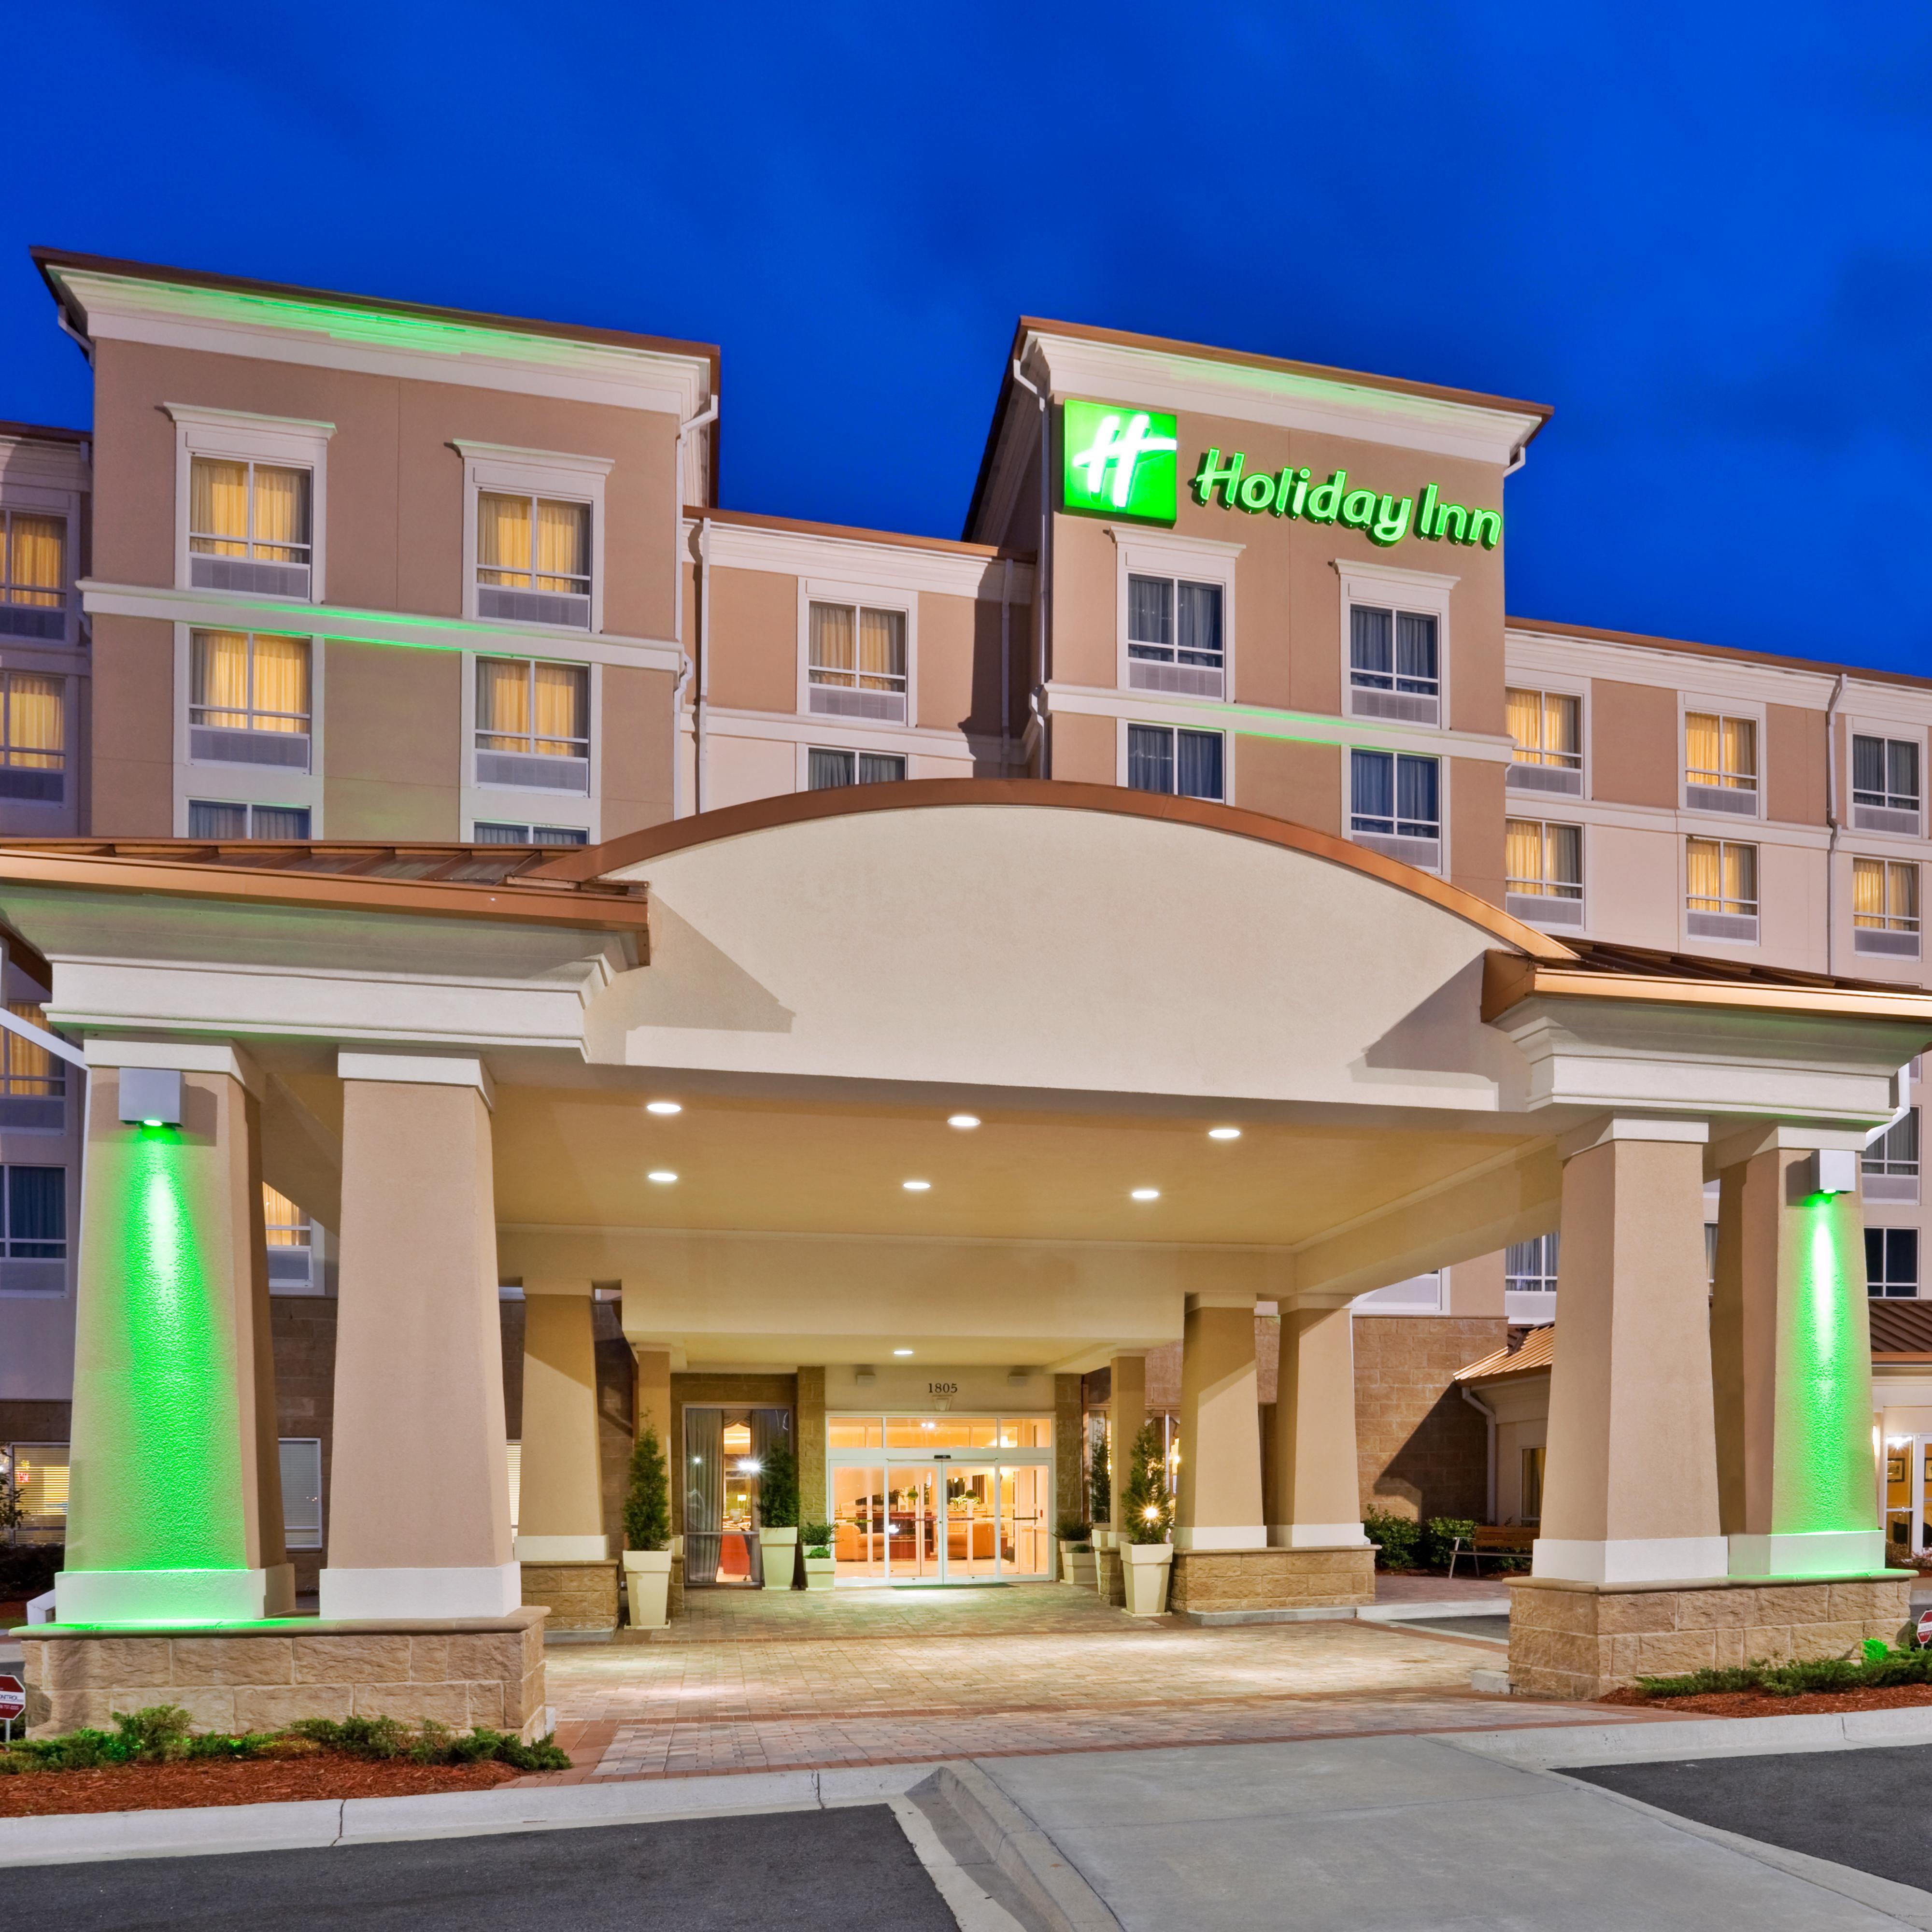 Hotels in Valdosta, GA - Holiday Inn Valdosta Conference Center